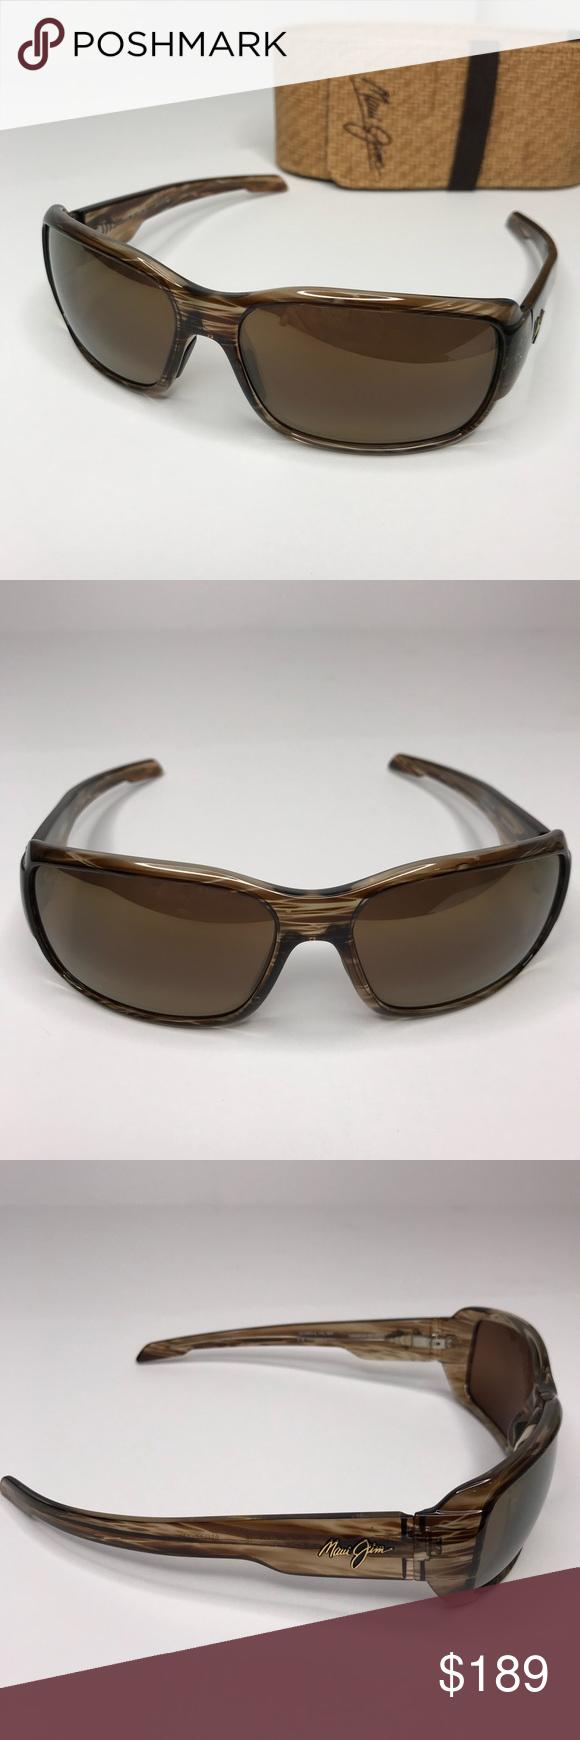 0e41c9fff3b7 MAUI JIM Hamoa Beach Women's Sunglasses & Case These Maui Jim sunglasses  are the Hamoa Beach